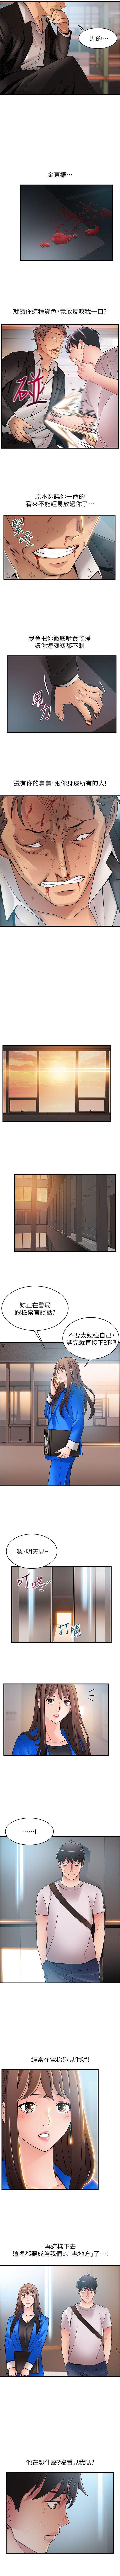 (週7)弱點 1-76 中文翻譯(更新中) 181